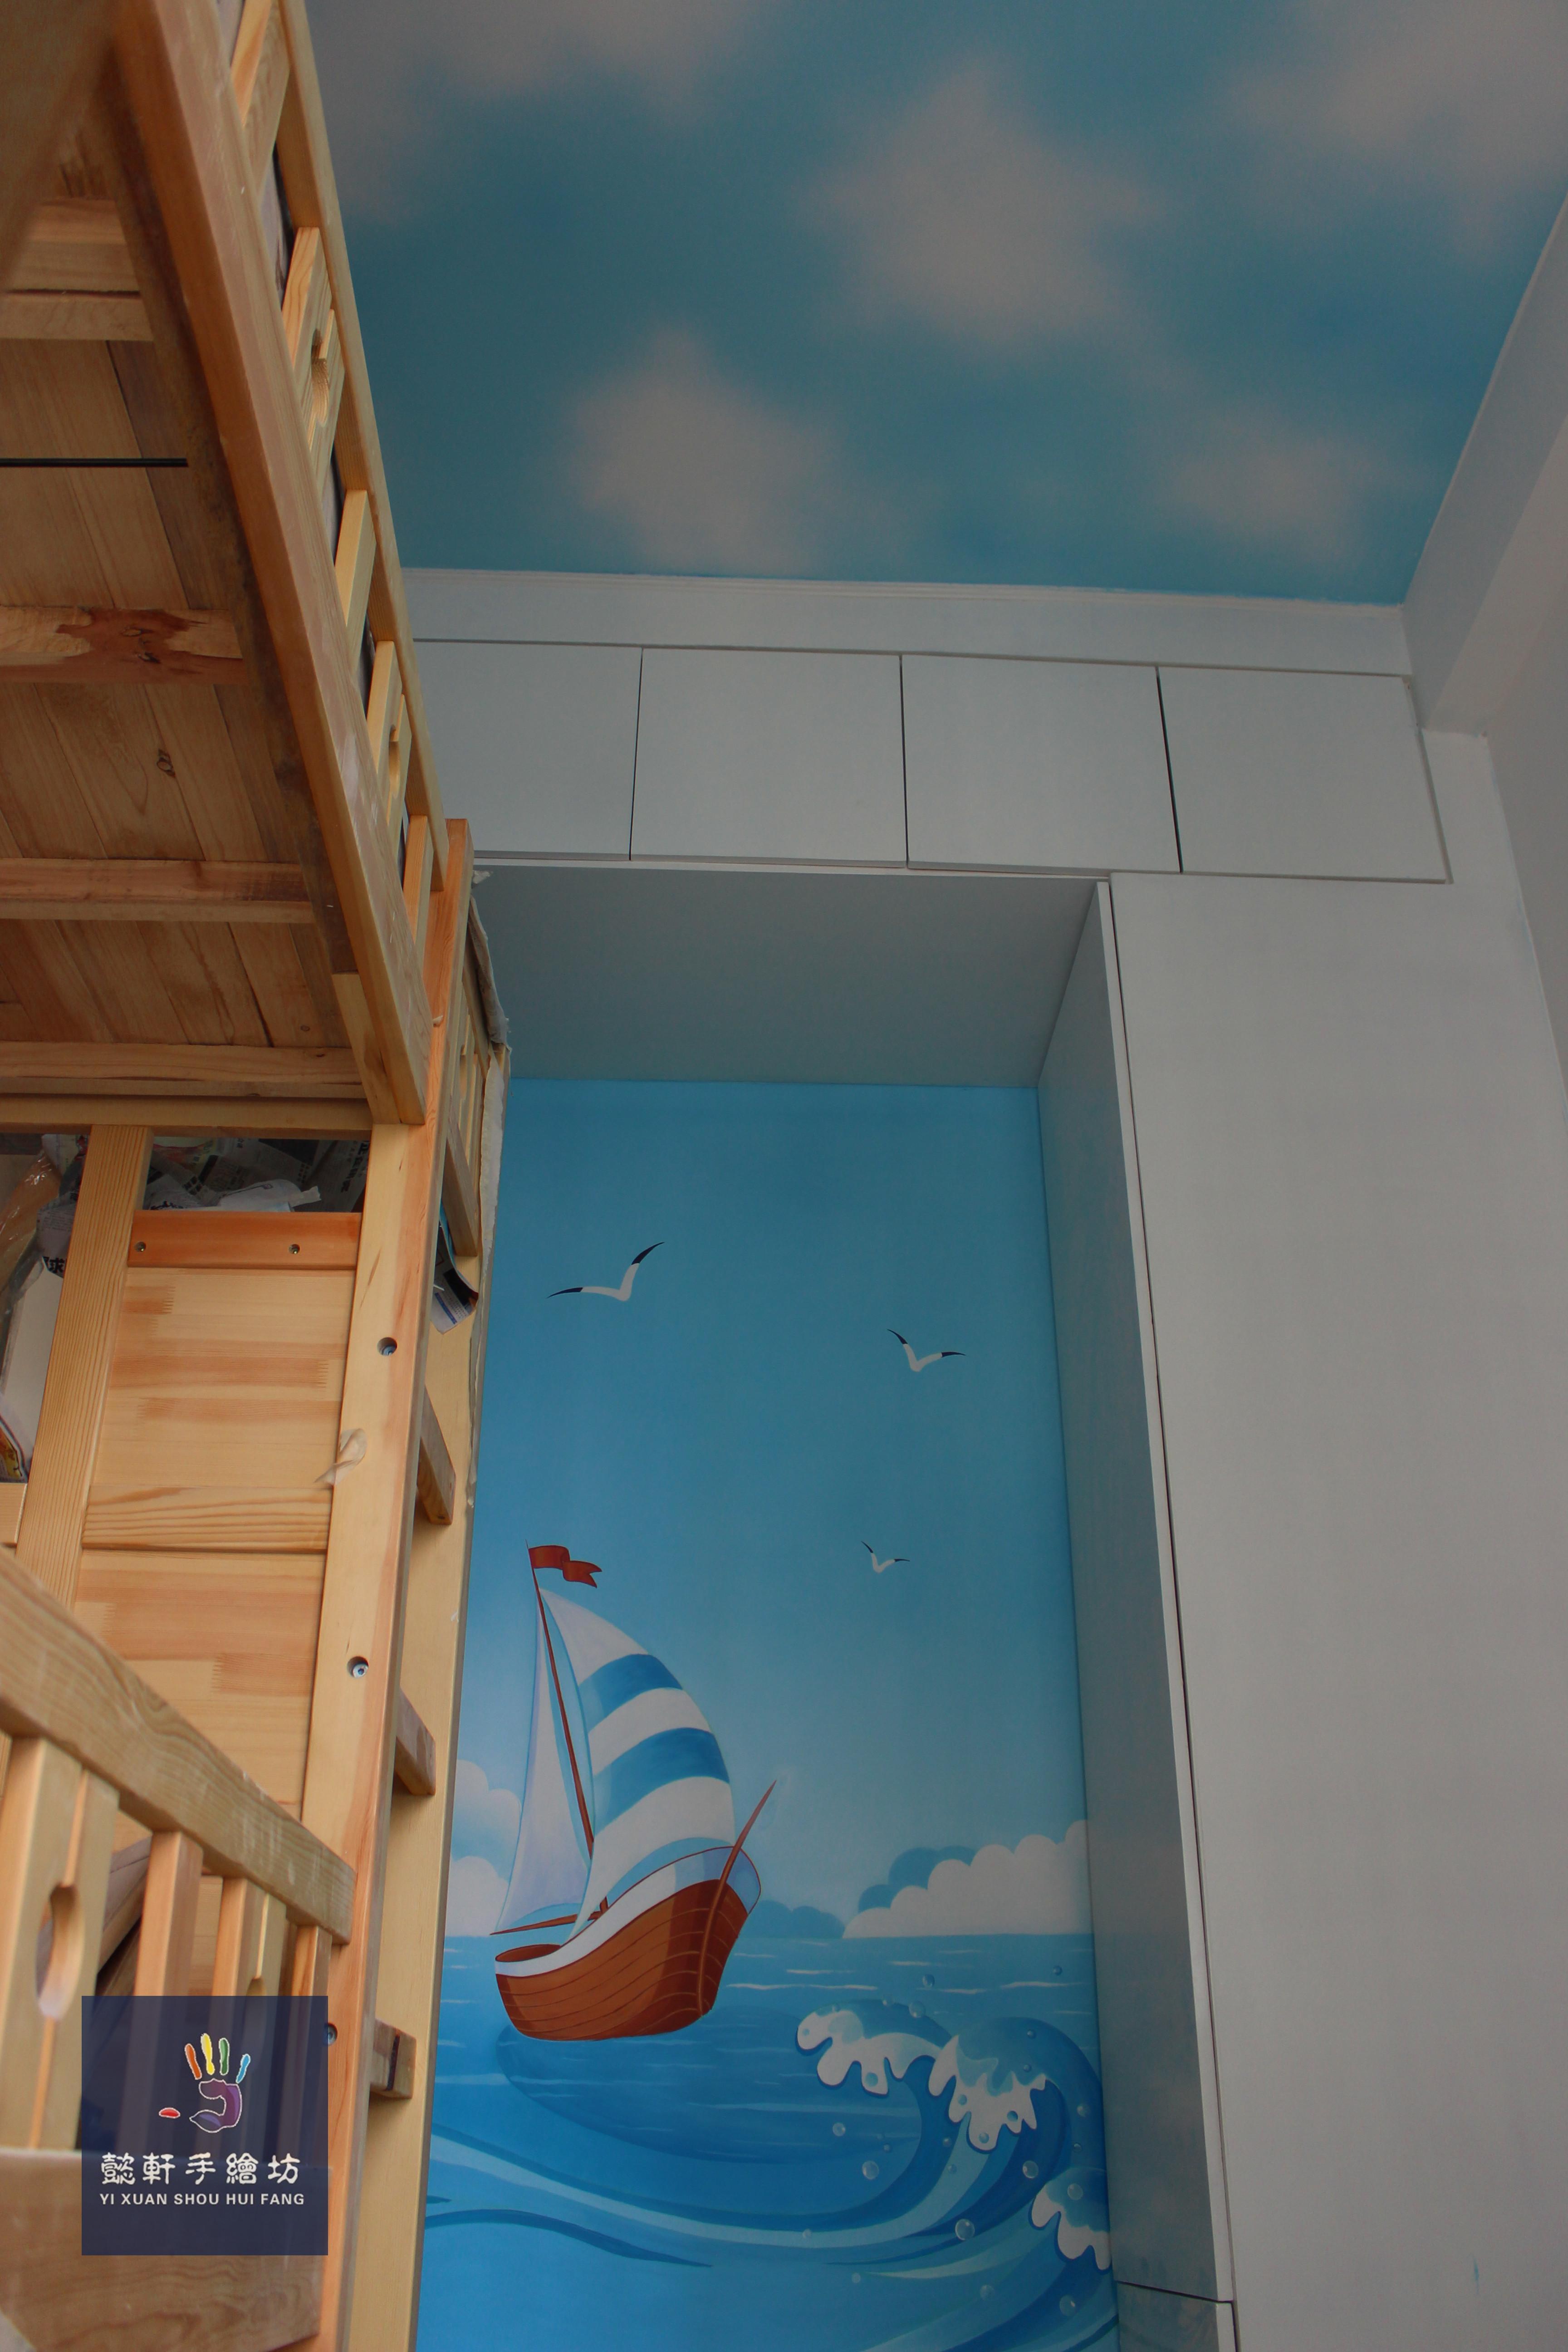 儿童房 其他 墙绘/立体画 懿轩手绘墙 - 原创作品